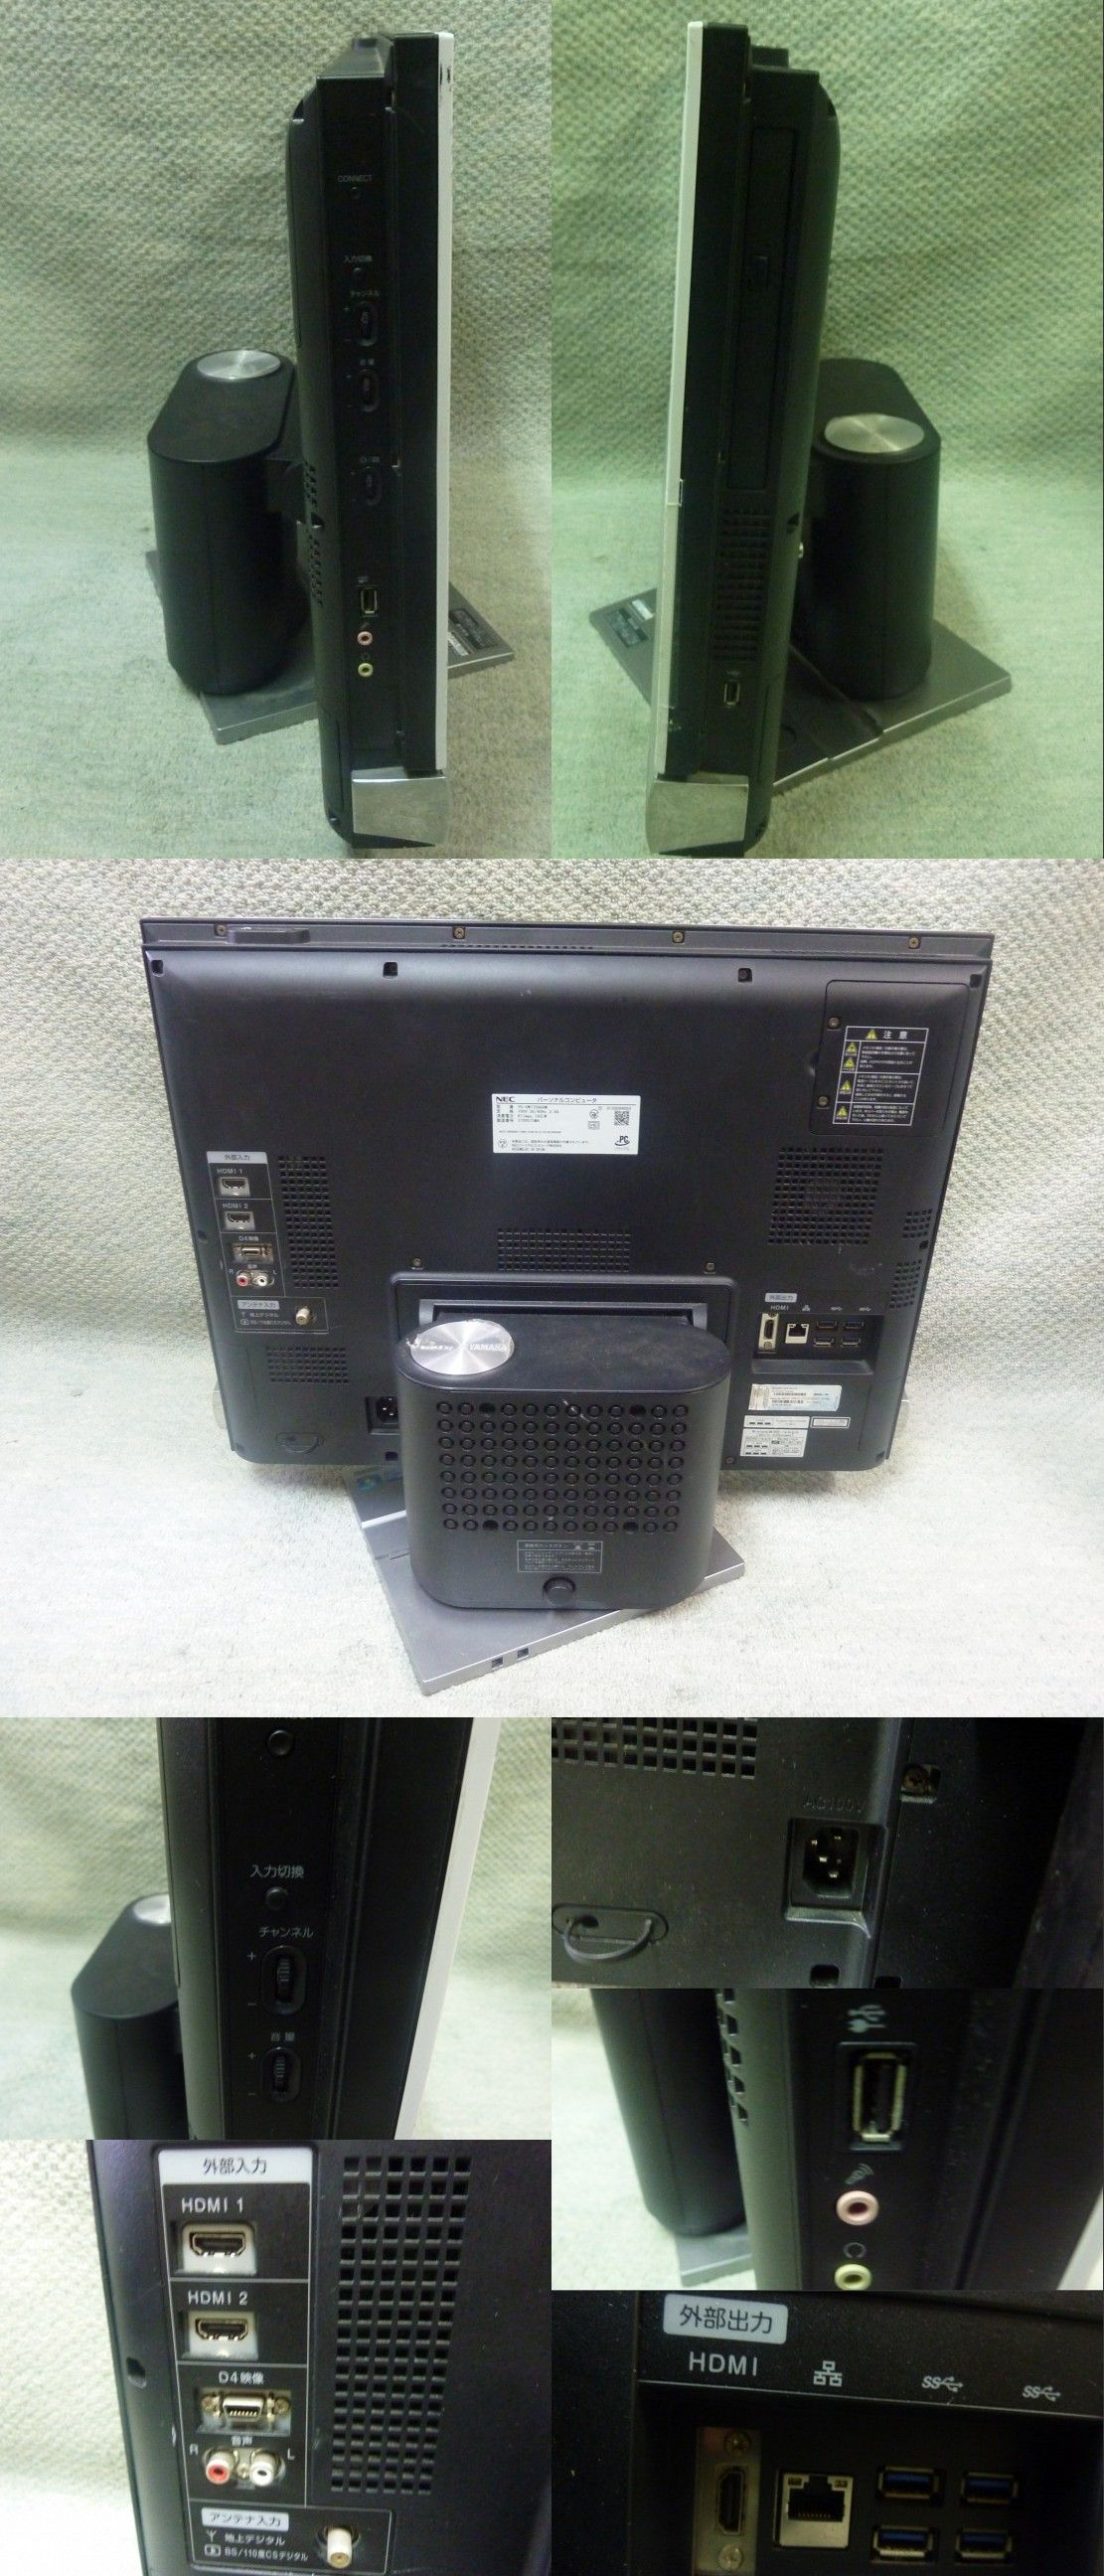 http://livedoor.blogimg.jp/gakuden5181/imgs/d/d/ddd640f2.jpg